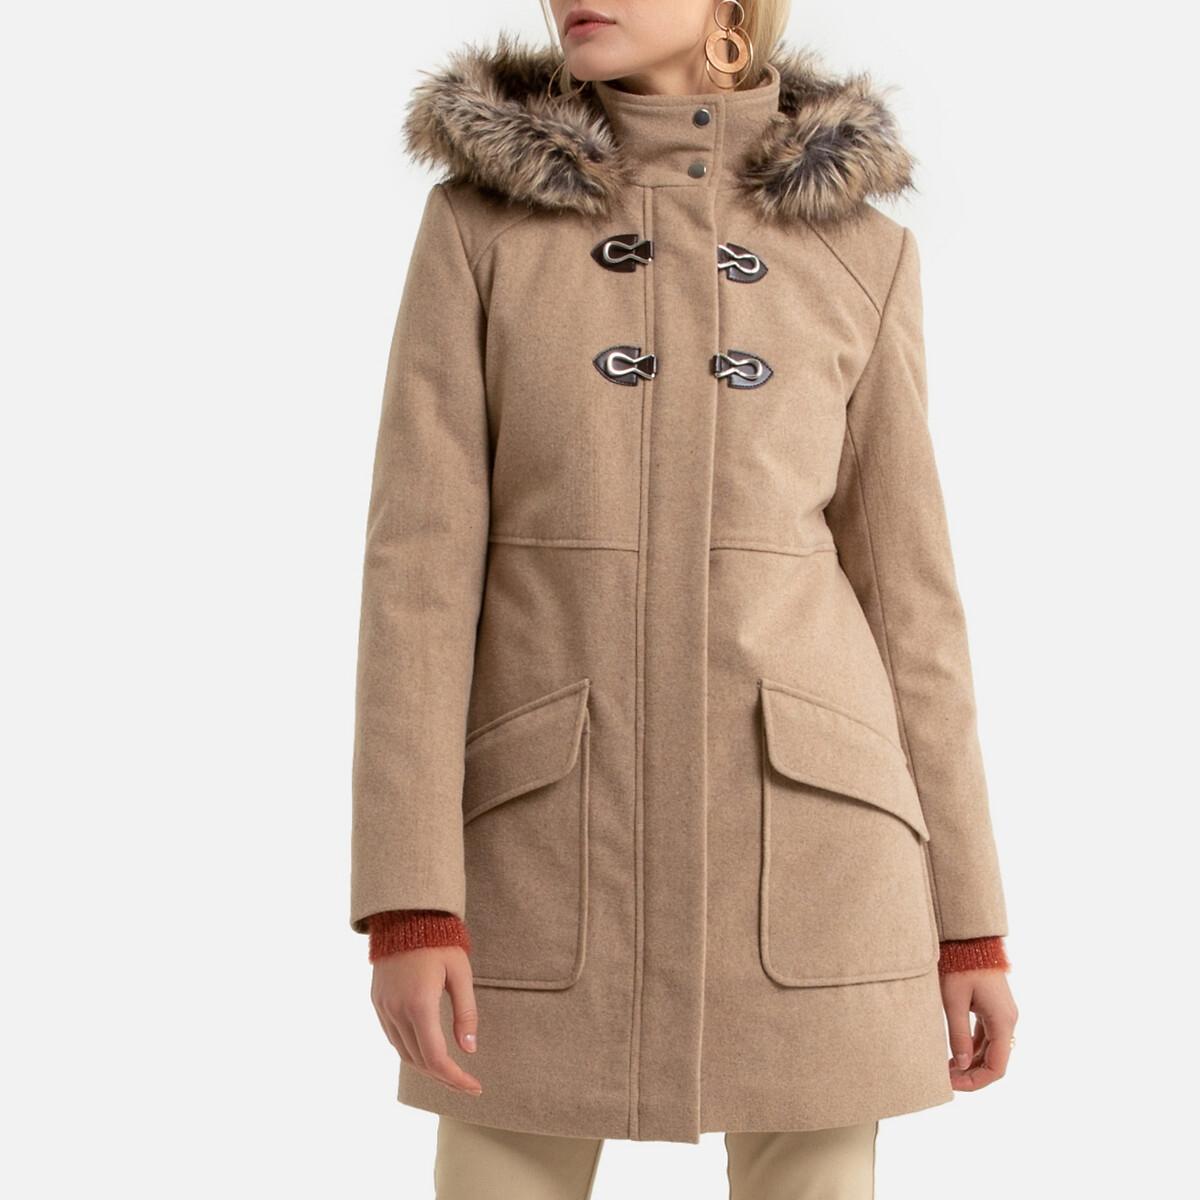 Пальто LaRedoute Средней длины с капюшоном и застежкой на молнию 40 (FR) - 46 (RUS) бежевый